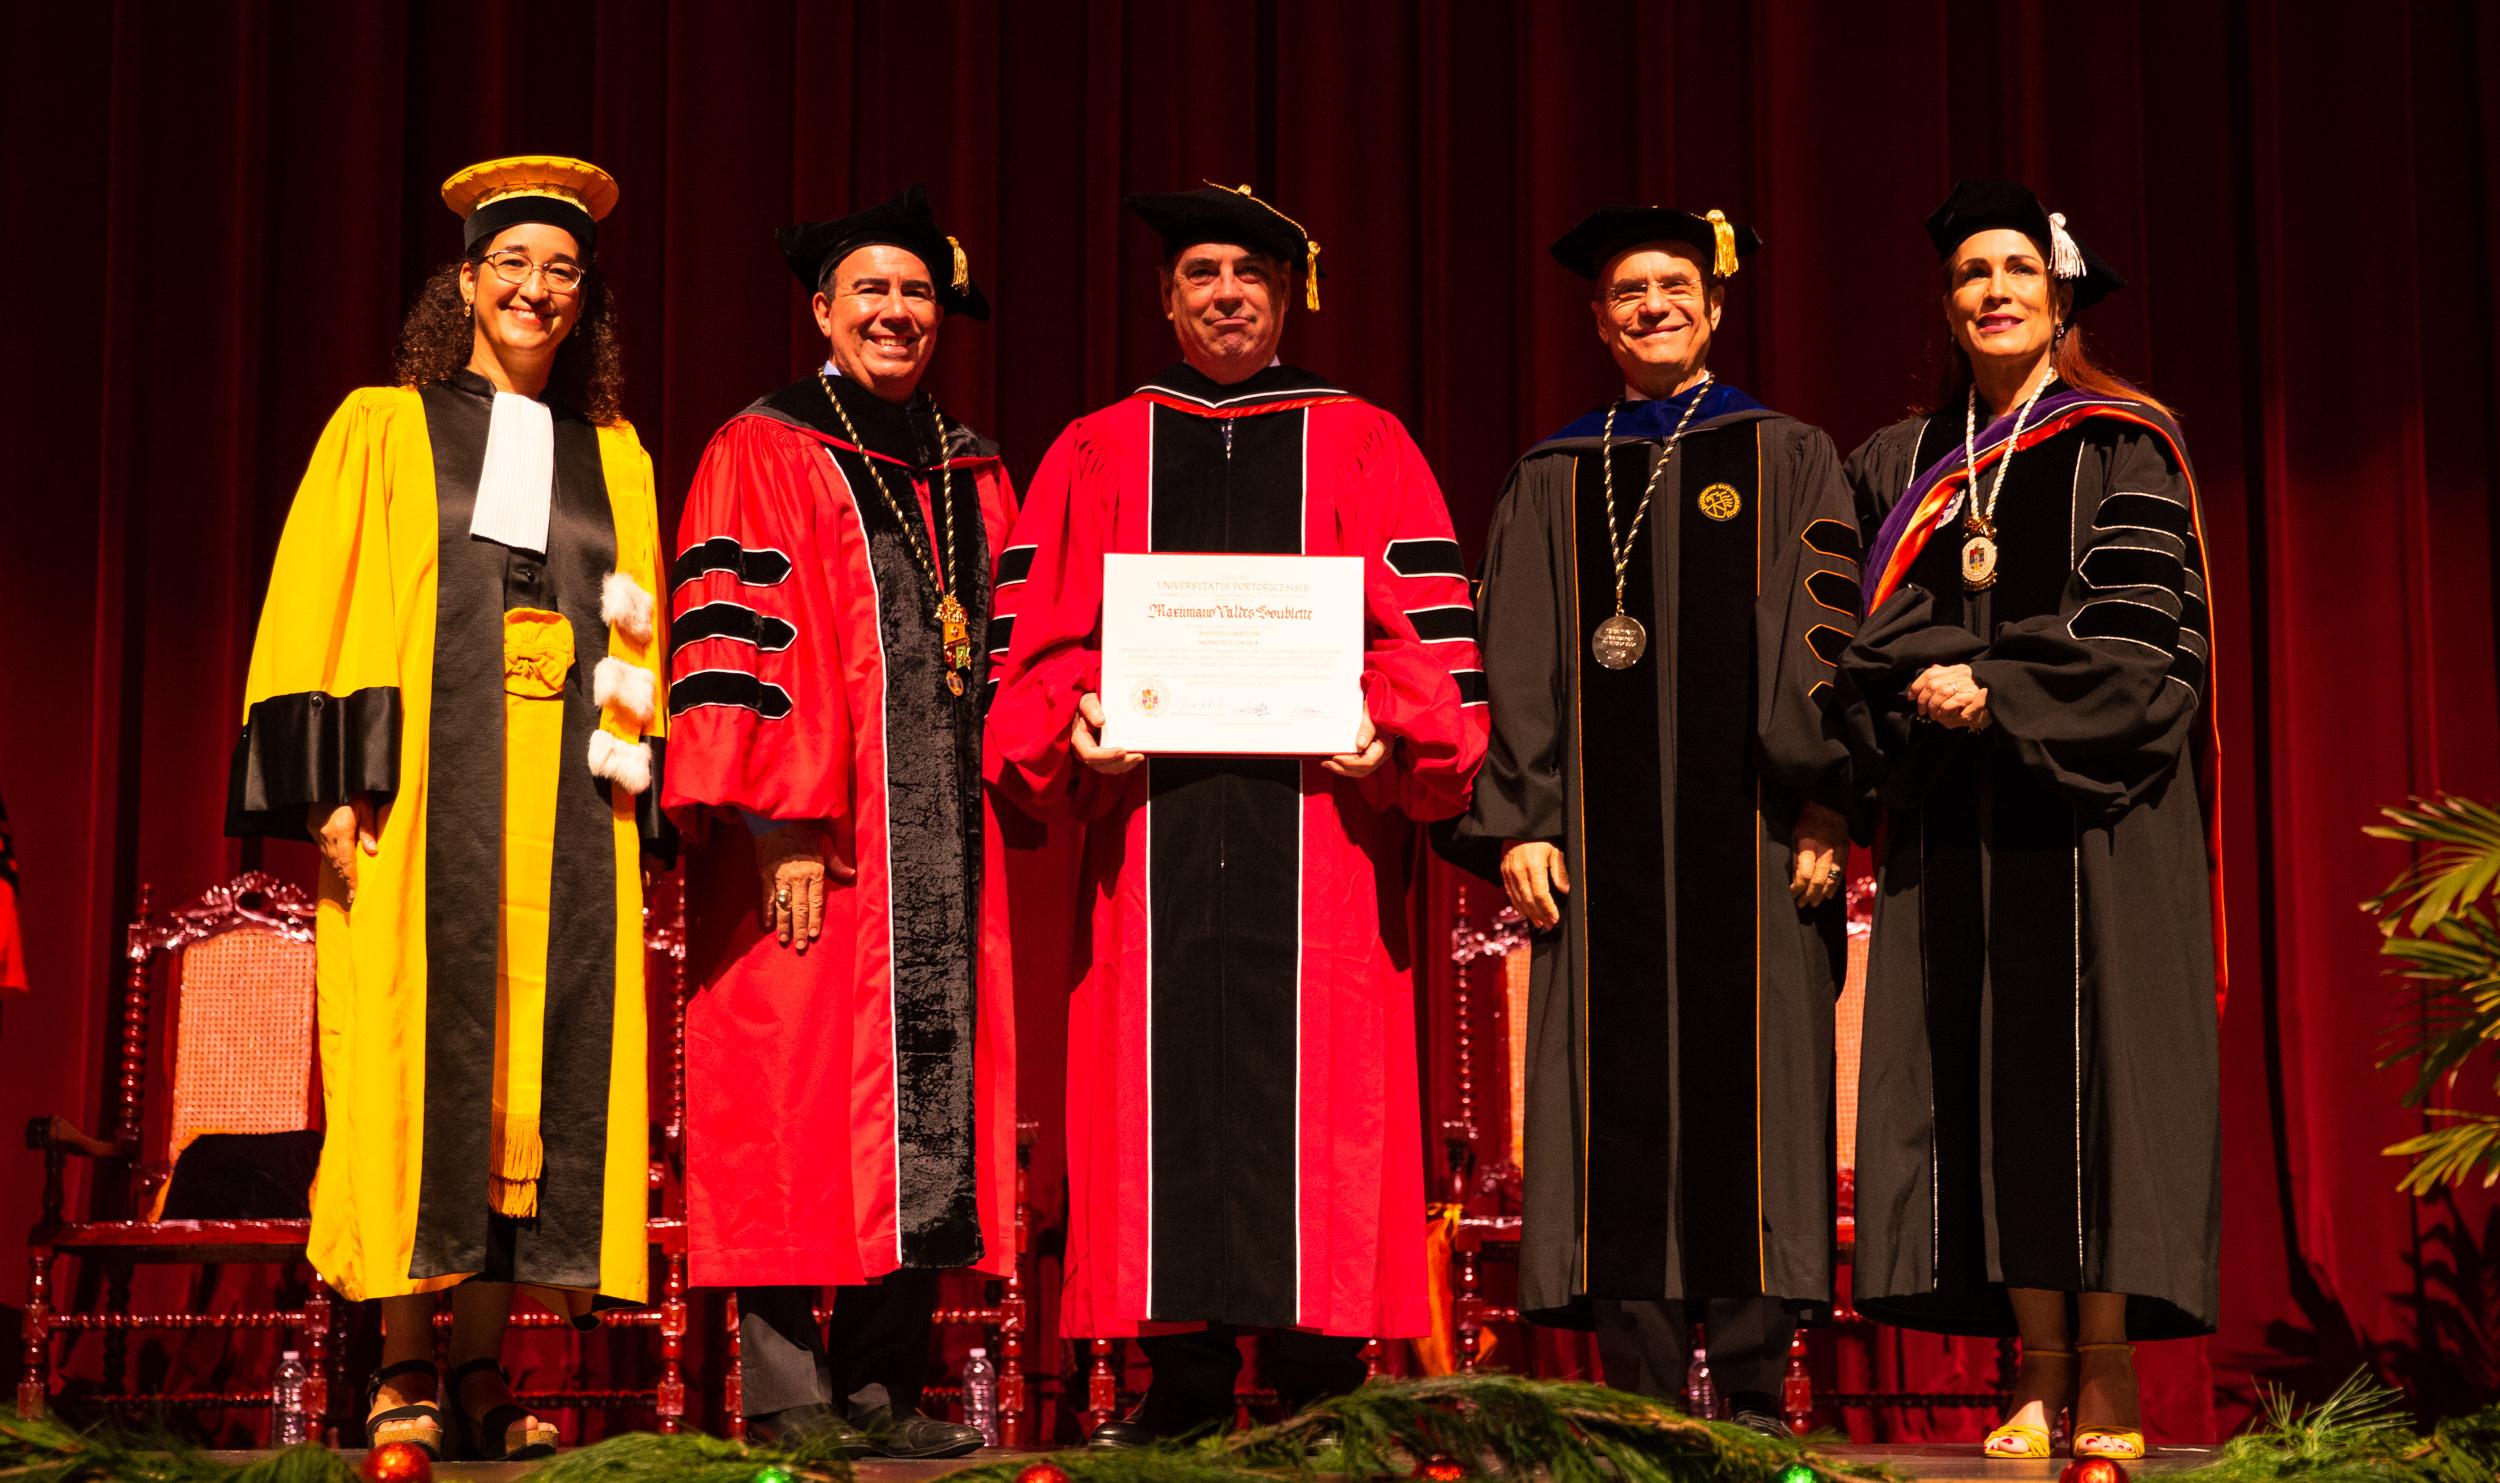 Maximiliano Valdes enseñando diploma